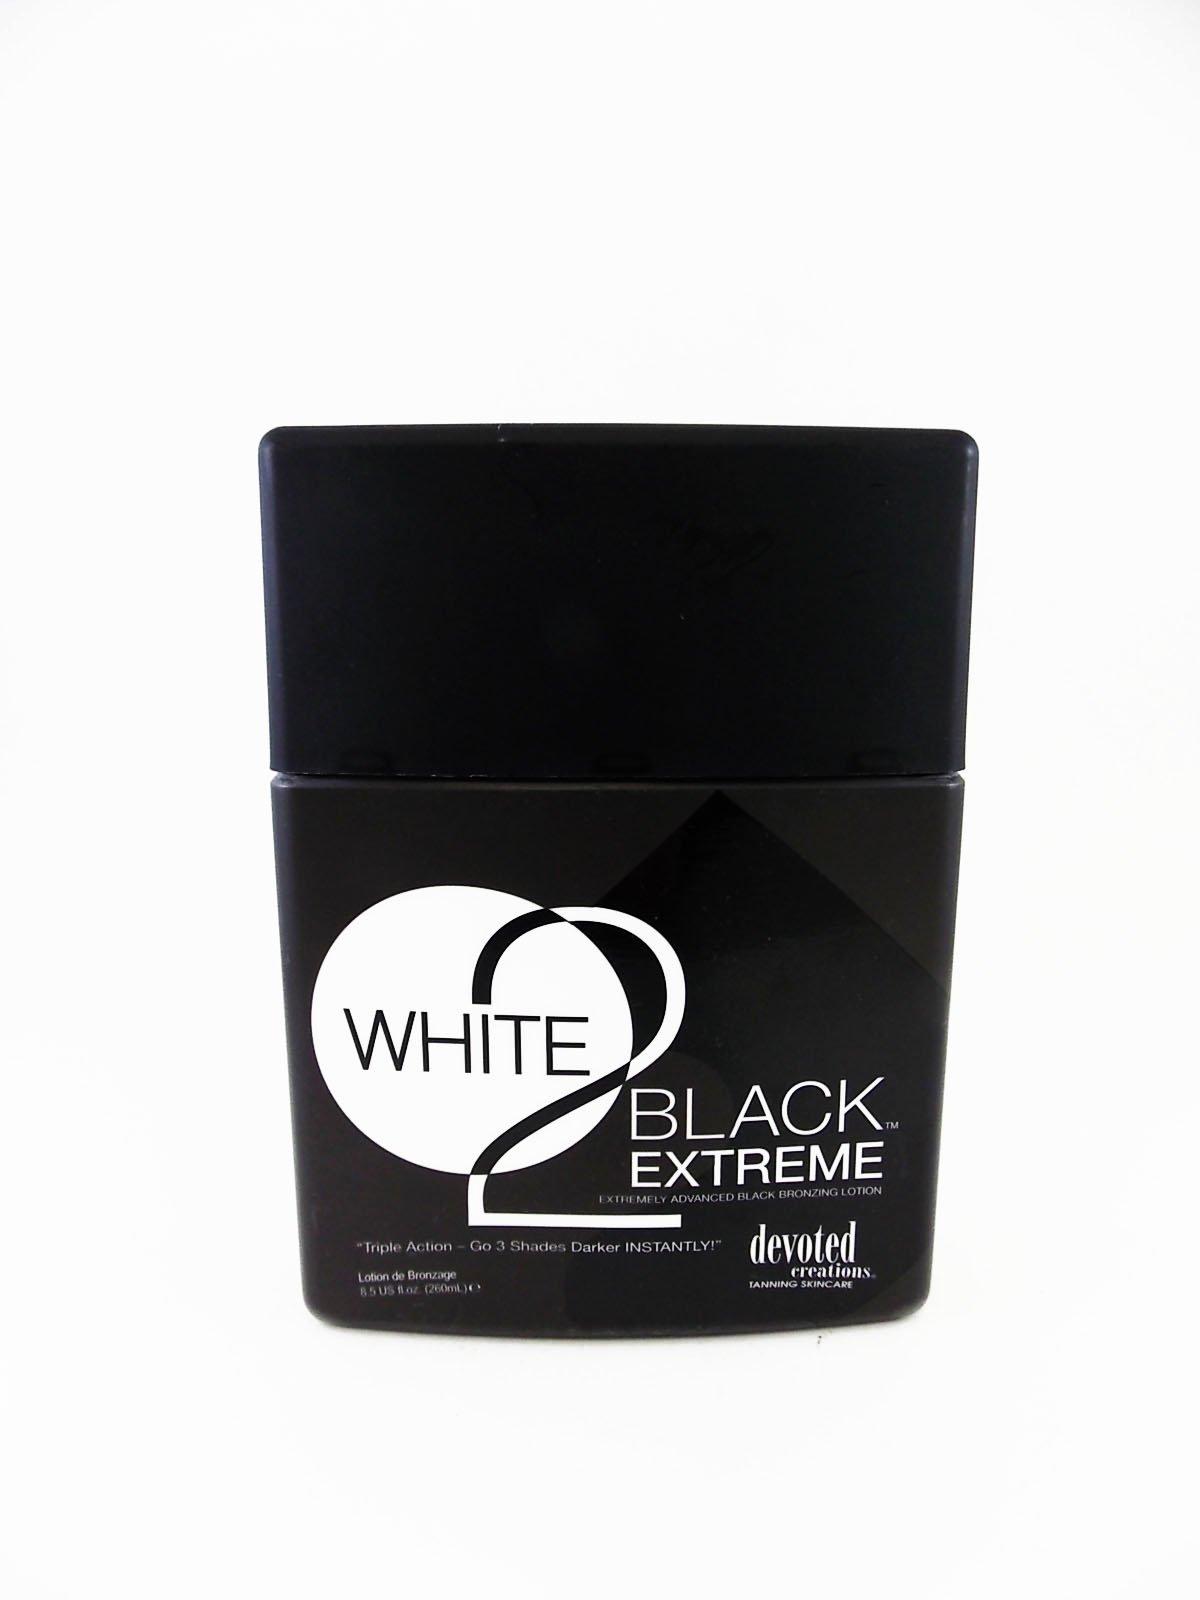 White 2 Black Extreme Advance Black Bronzer 3 Shades Darker 8.5z by Devoted Creations